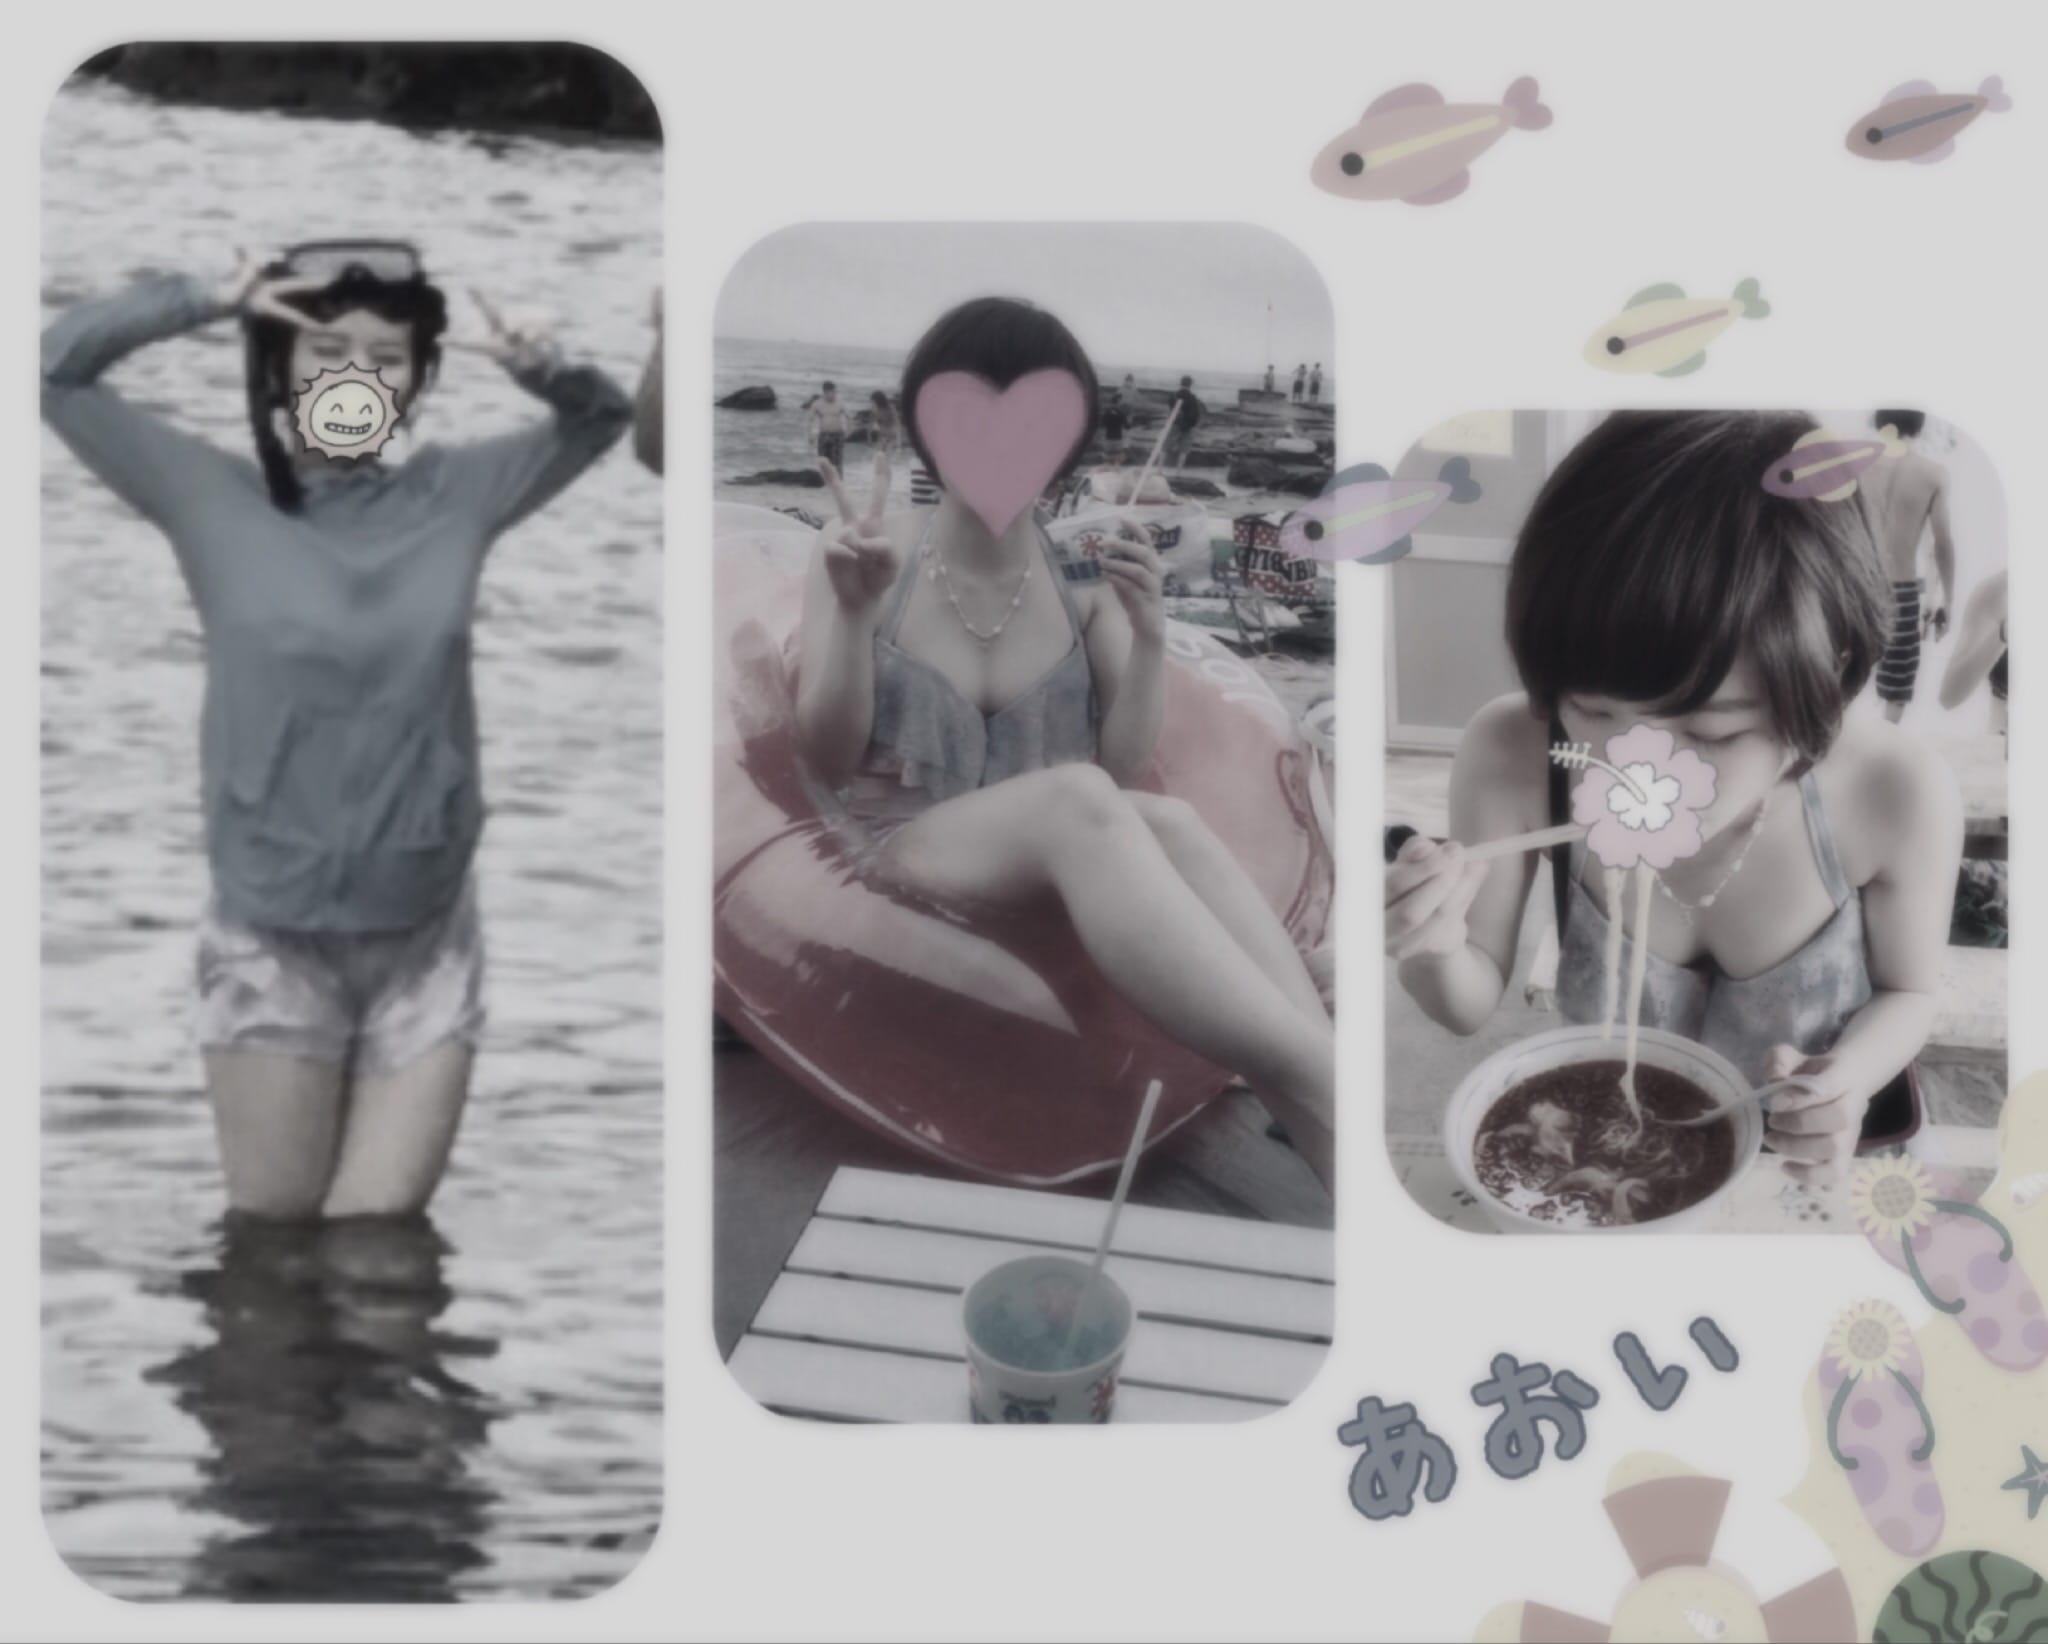 「うみーー」08/11(08/11) 06:52 | あおいの写メ・風俗動画